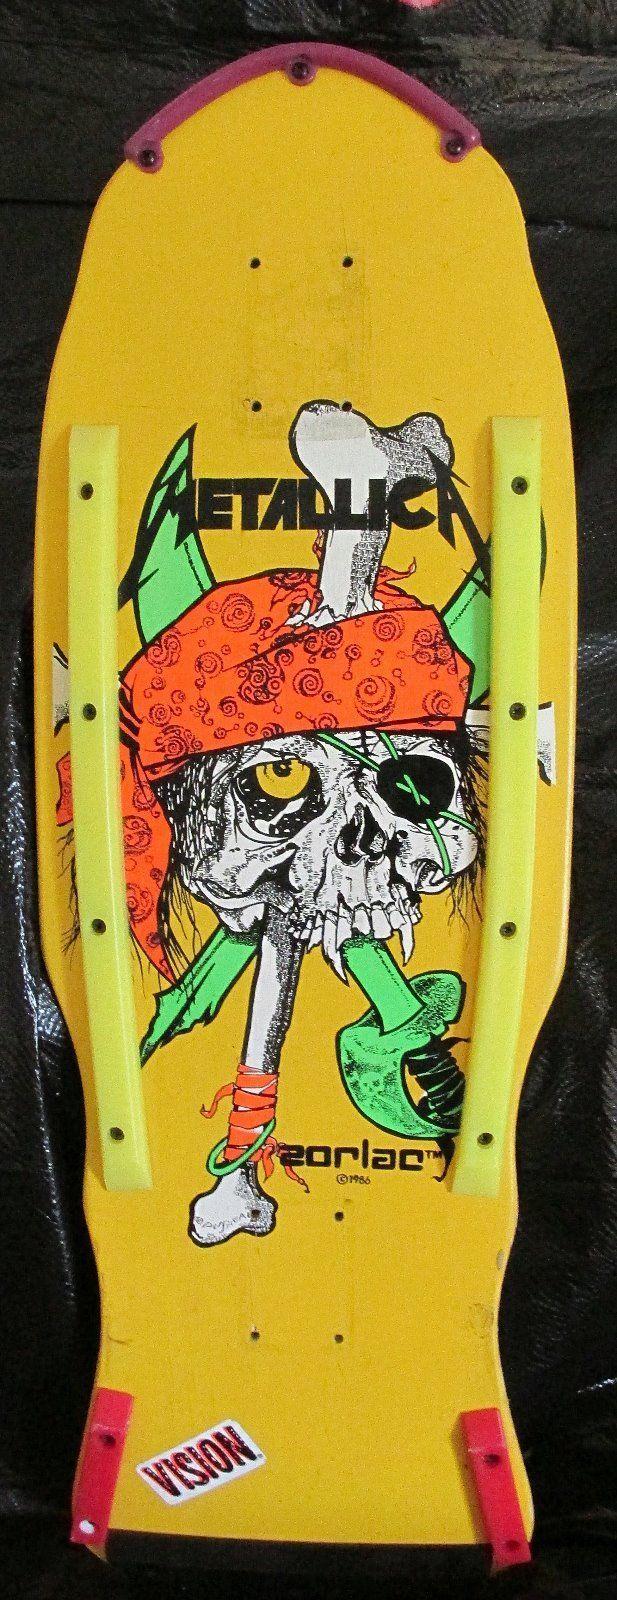 60 best Ripper Skateboards and Art images on Pinterest | Skateboard ...